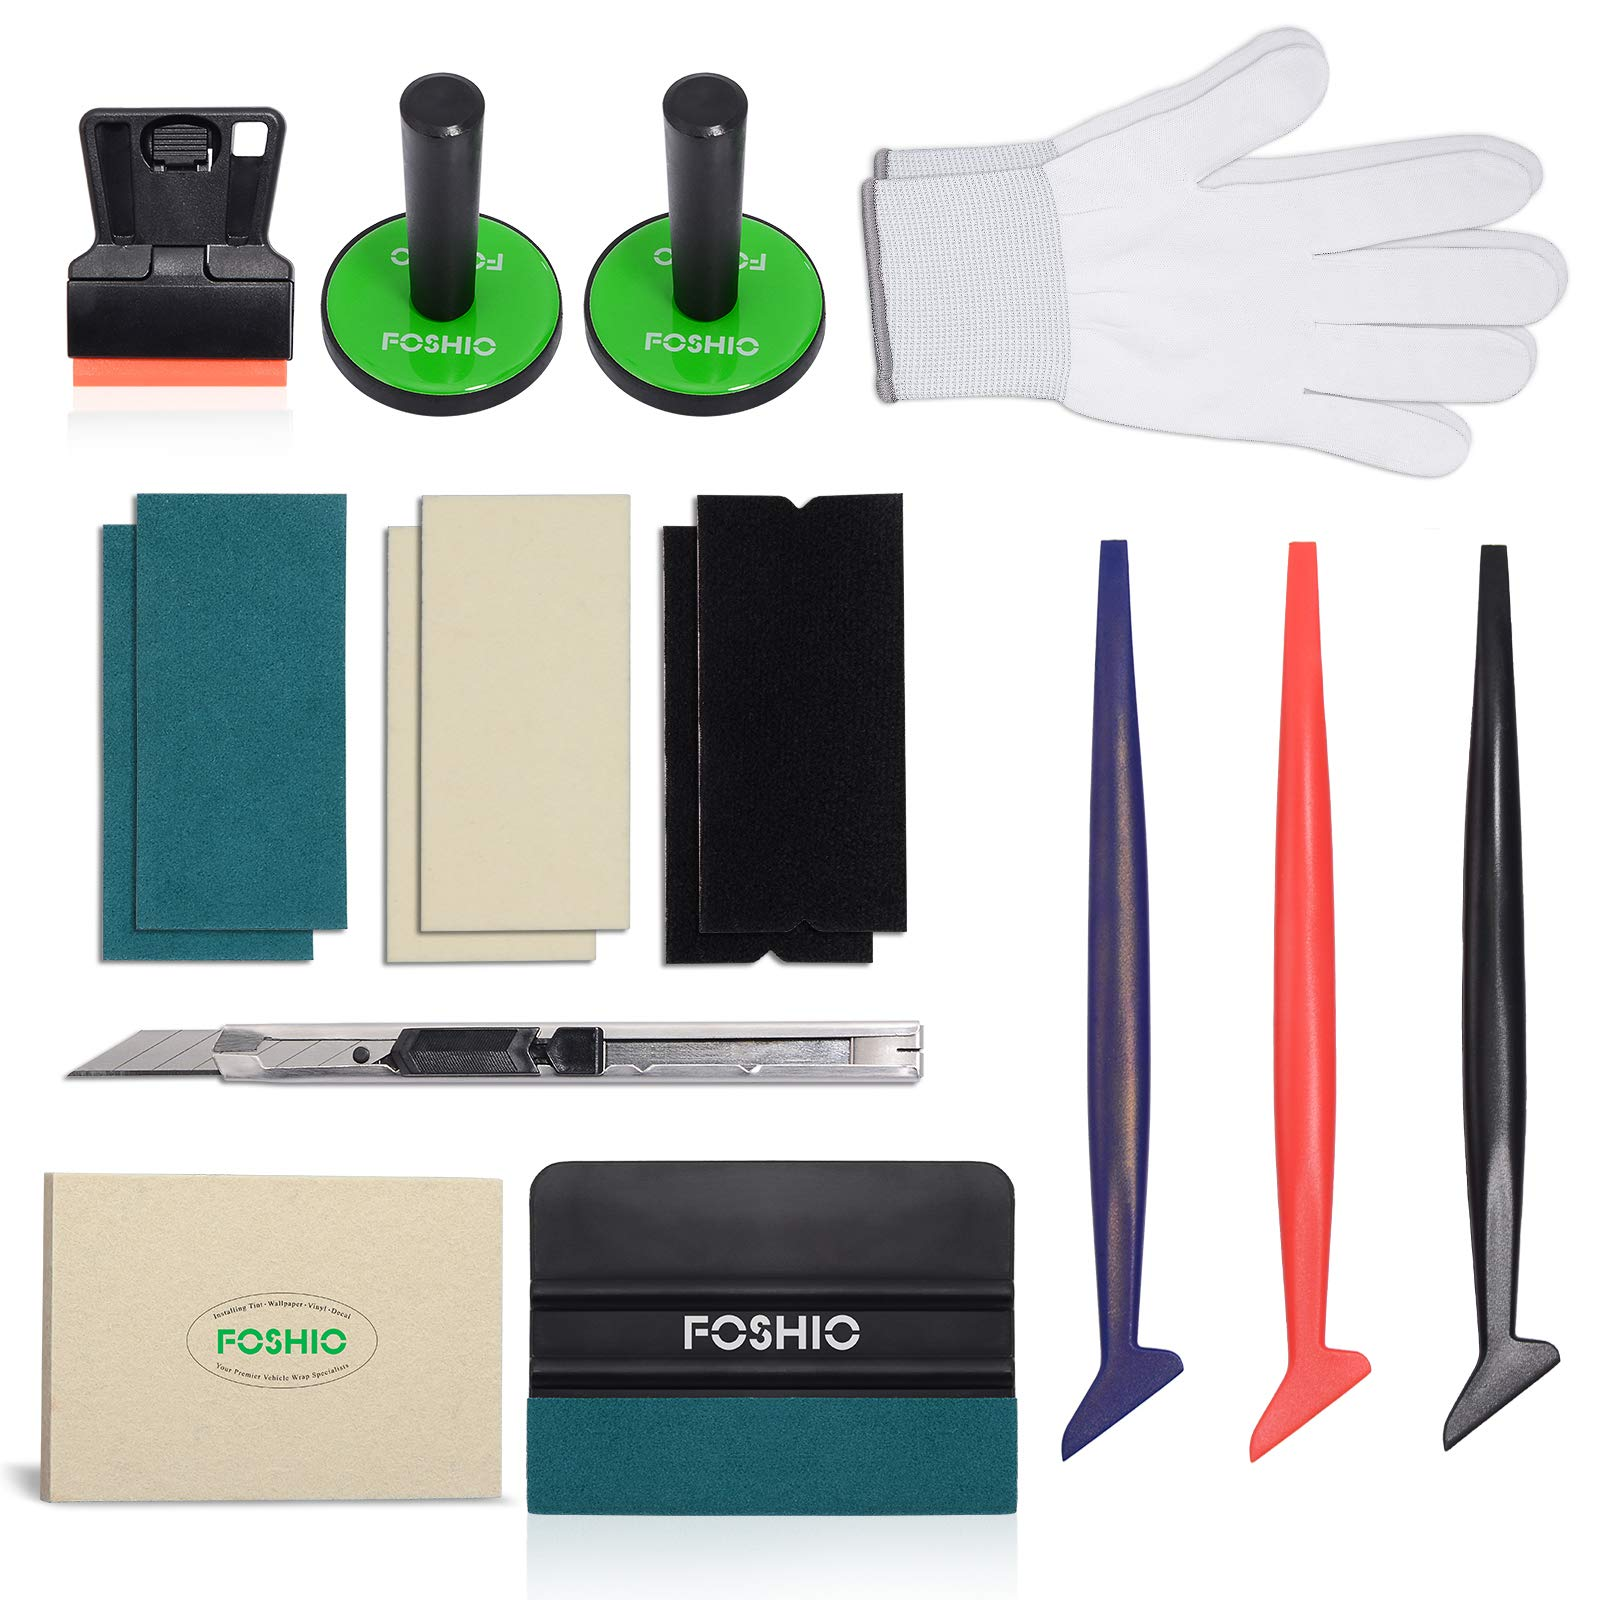 Selbstklebende Filz FOSHIO Profi Komplett Werkzeuge Set zu Fensterfolie Anbringen mit Fensterwischer Schaber und Handschuhe Rakeln